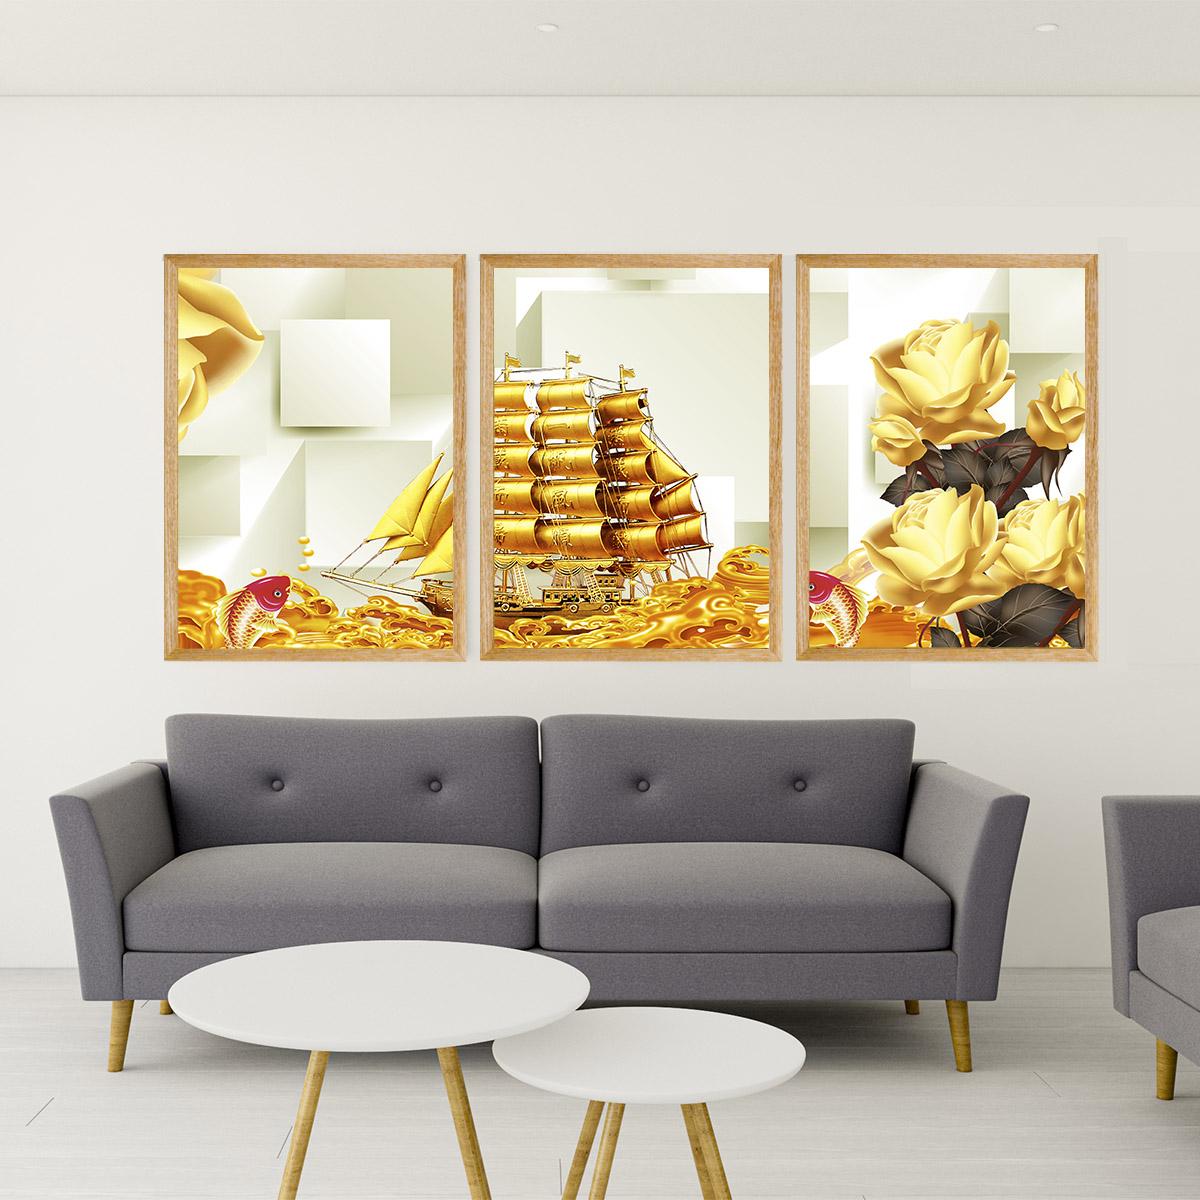 Bộ tranh Canvas 3 tấm Hình Chữ Nhật kích thước 40x60cm , In Họa Tiết Thuận buồm xuôi gió -Mẫu TBMN009